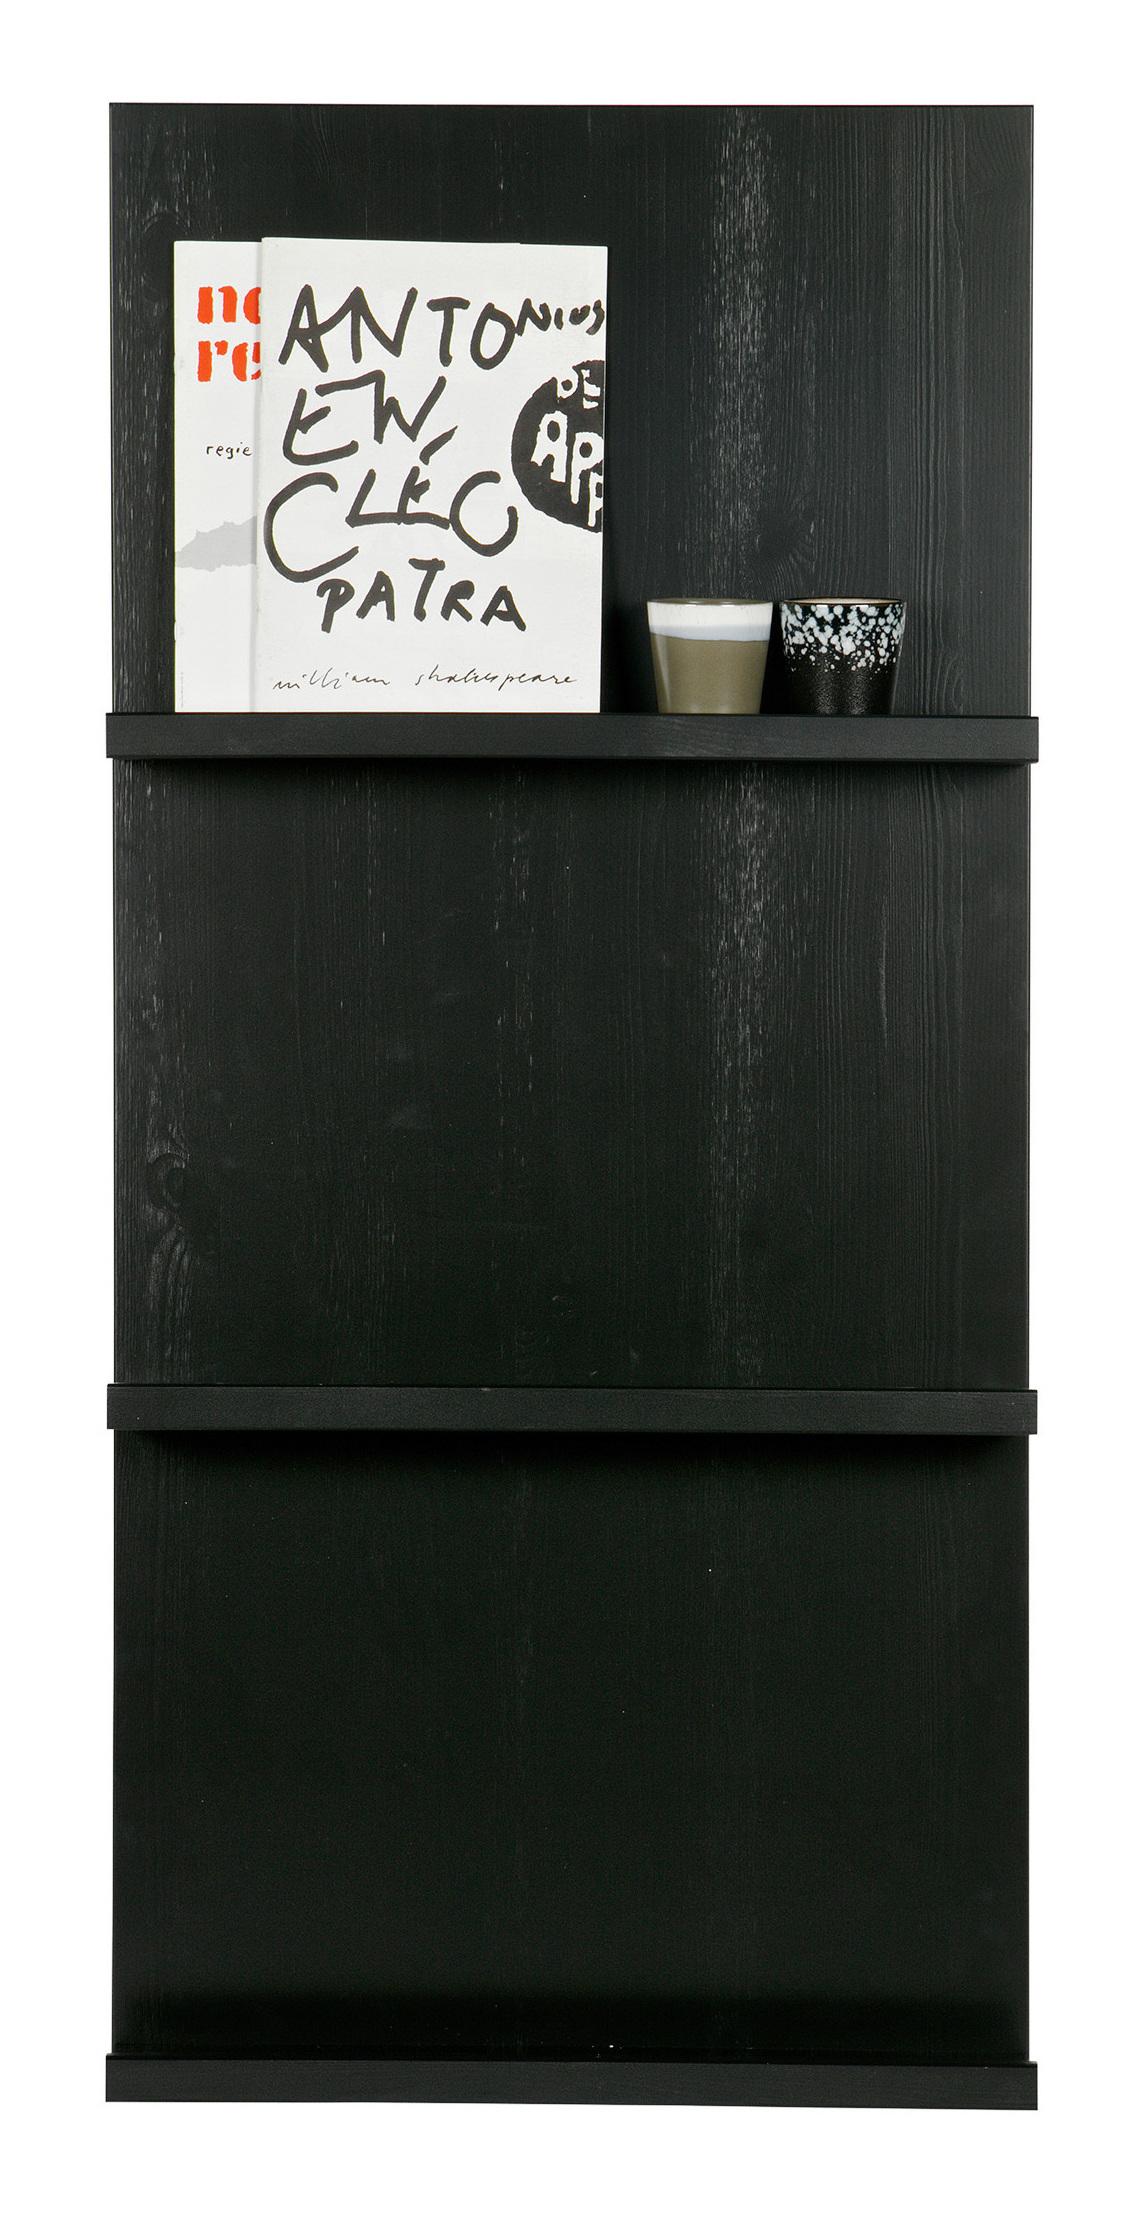 vtwonen Pronkrek Small, 120 x 56cm, kleur Zwart met voordeel snel in huis via Meubel Partner